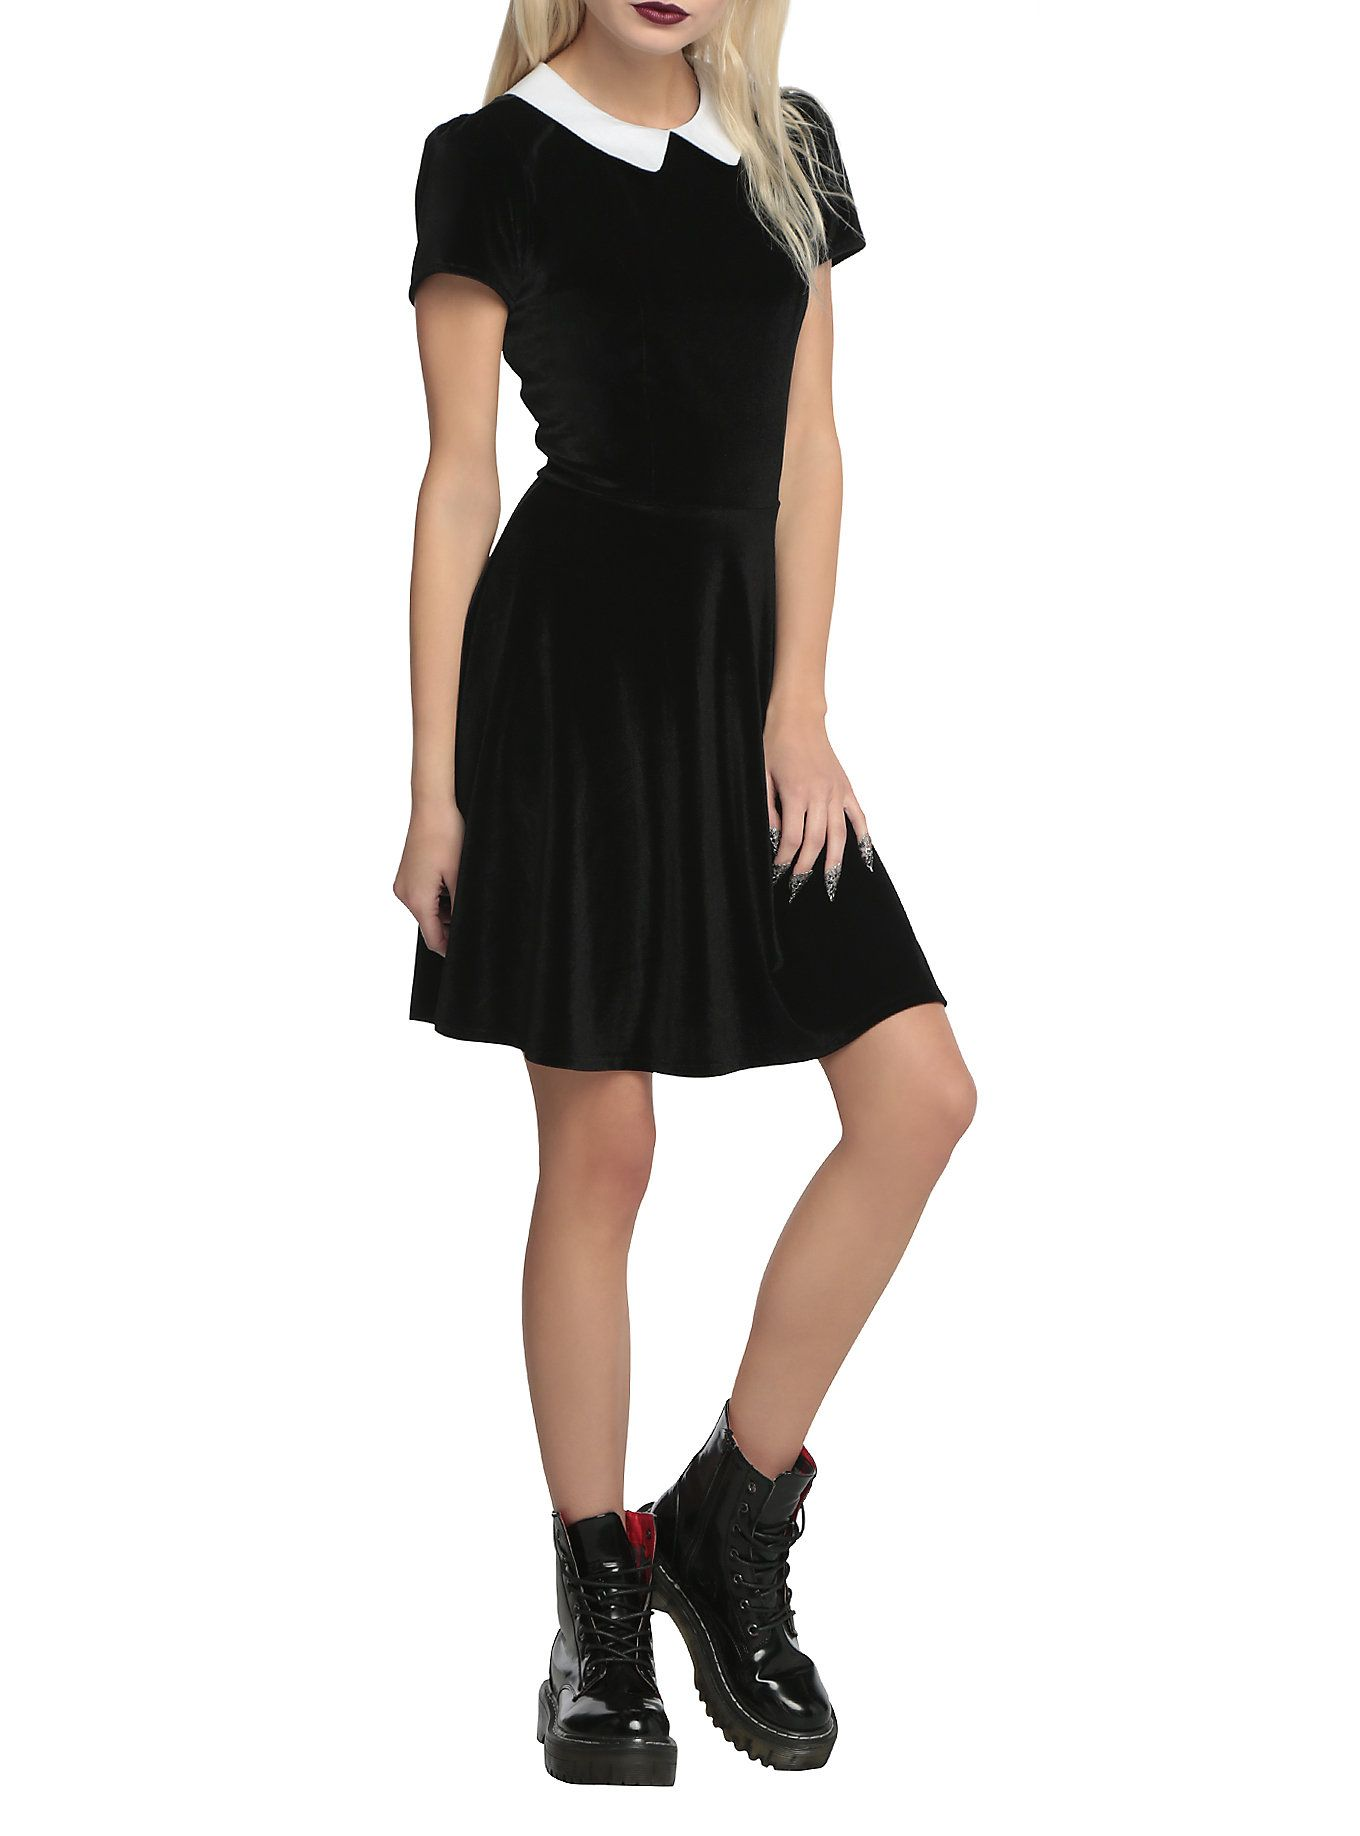 Black Velvet White Collar Dress | My Style | White collar